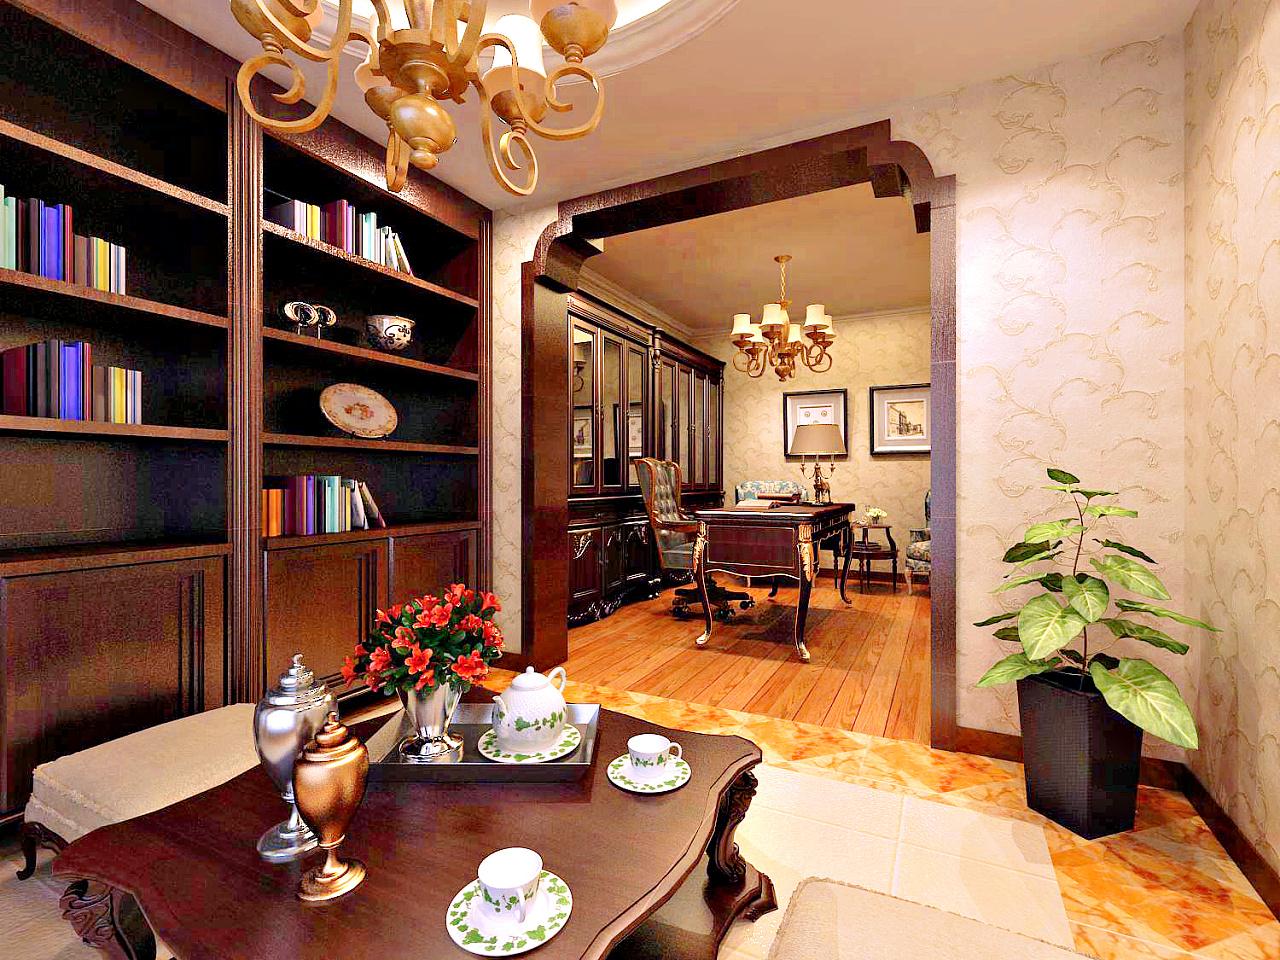 盛邦大都会174平美式风格书房位置效果图:设计师给主人书房设计为套间